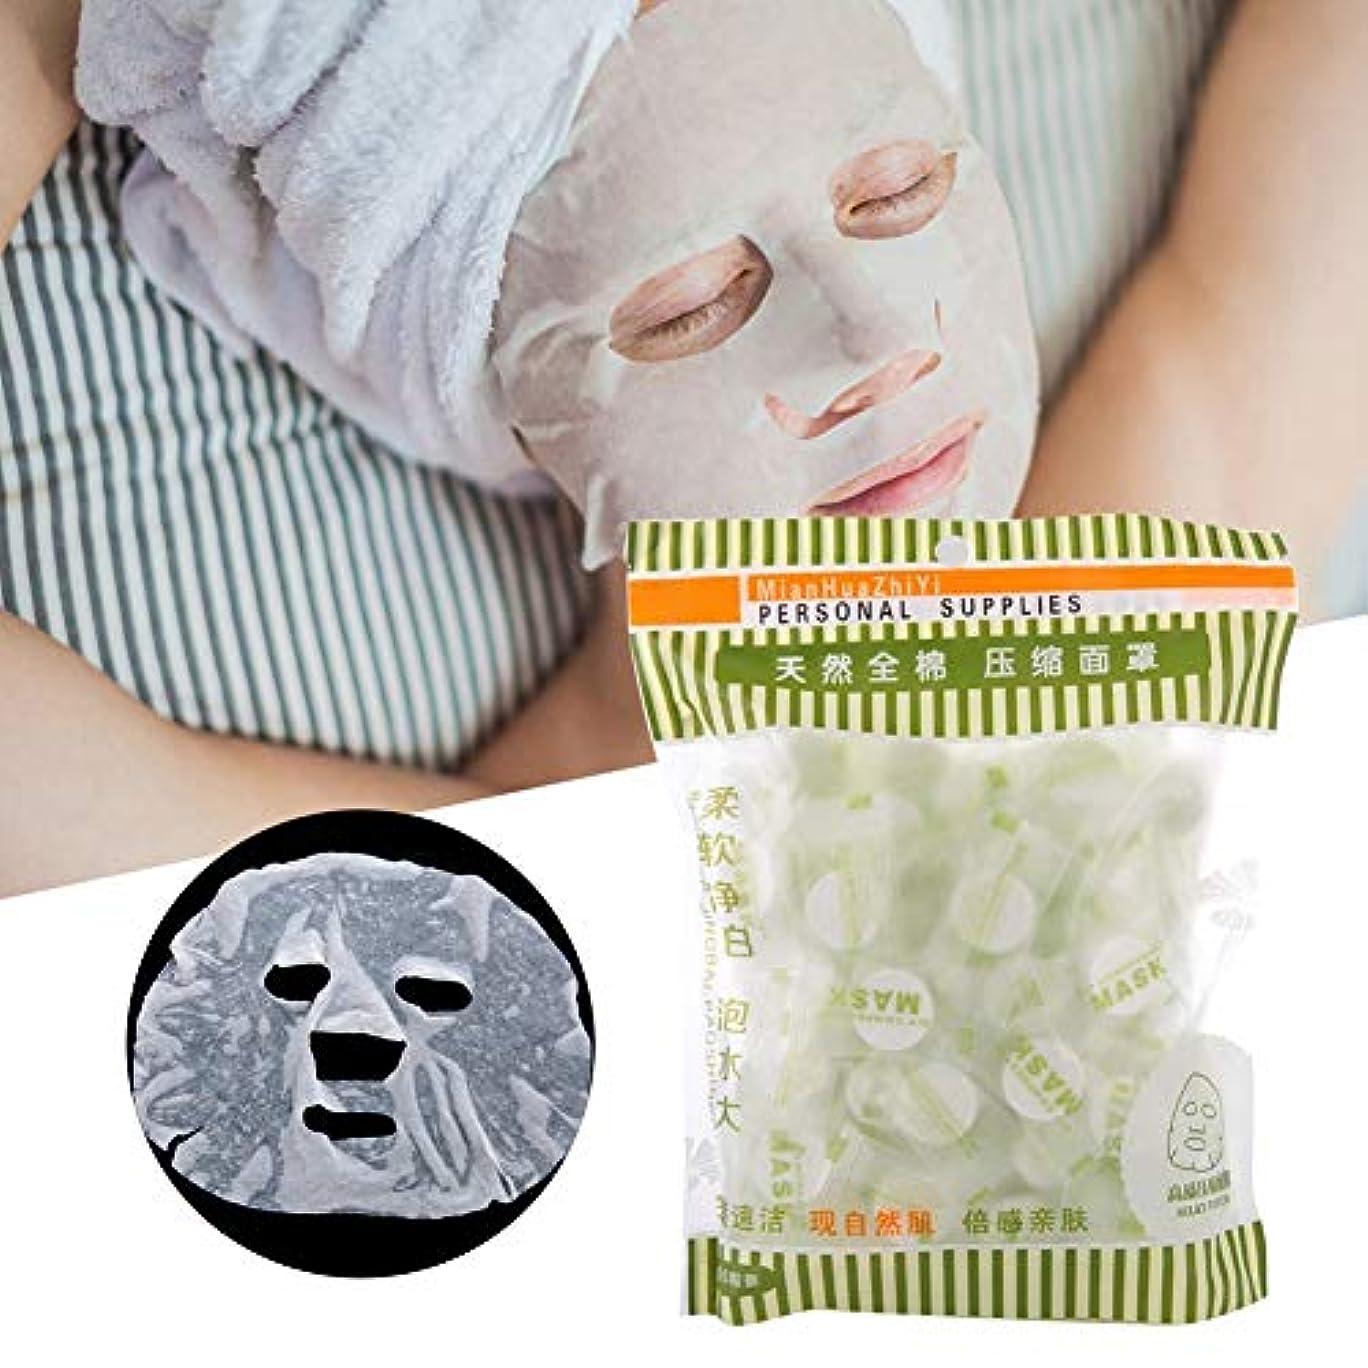 サミットのどまっすぐ100ピース/袋使い捨てフェイシャルマスク不織布圧縮、フェイスマスクDIYフェイシャルマスク